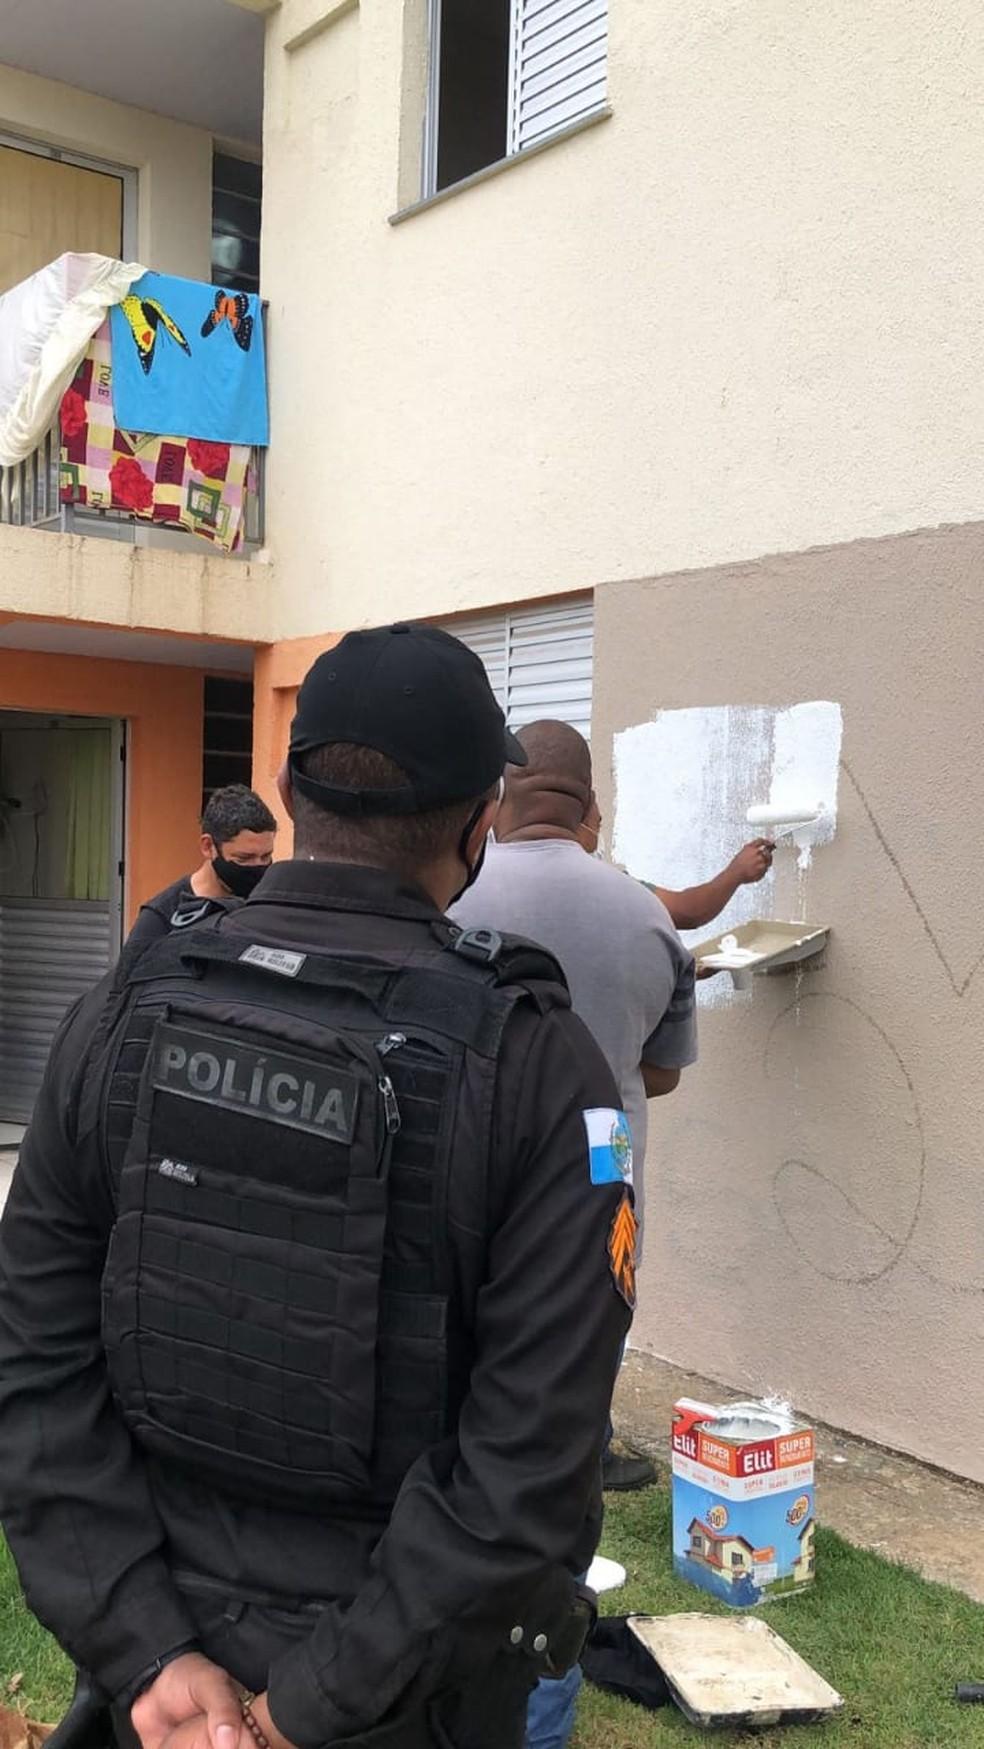 Pichações que faziam apologia a facção criminosa foram pintadas — Foto: Divulgação/Polícia Militar